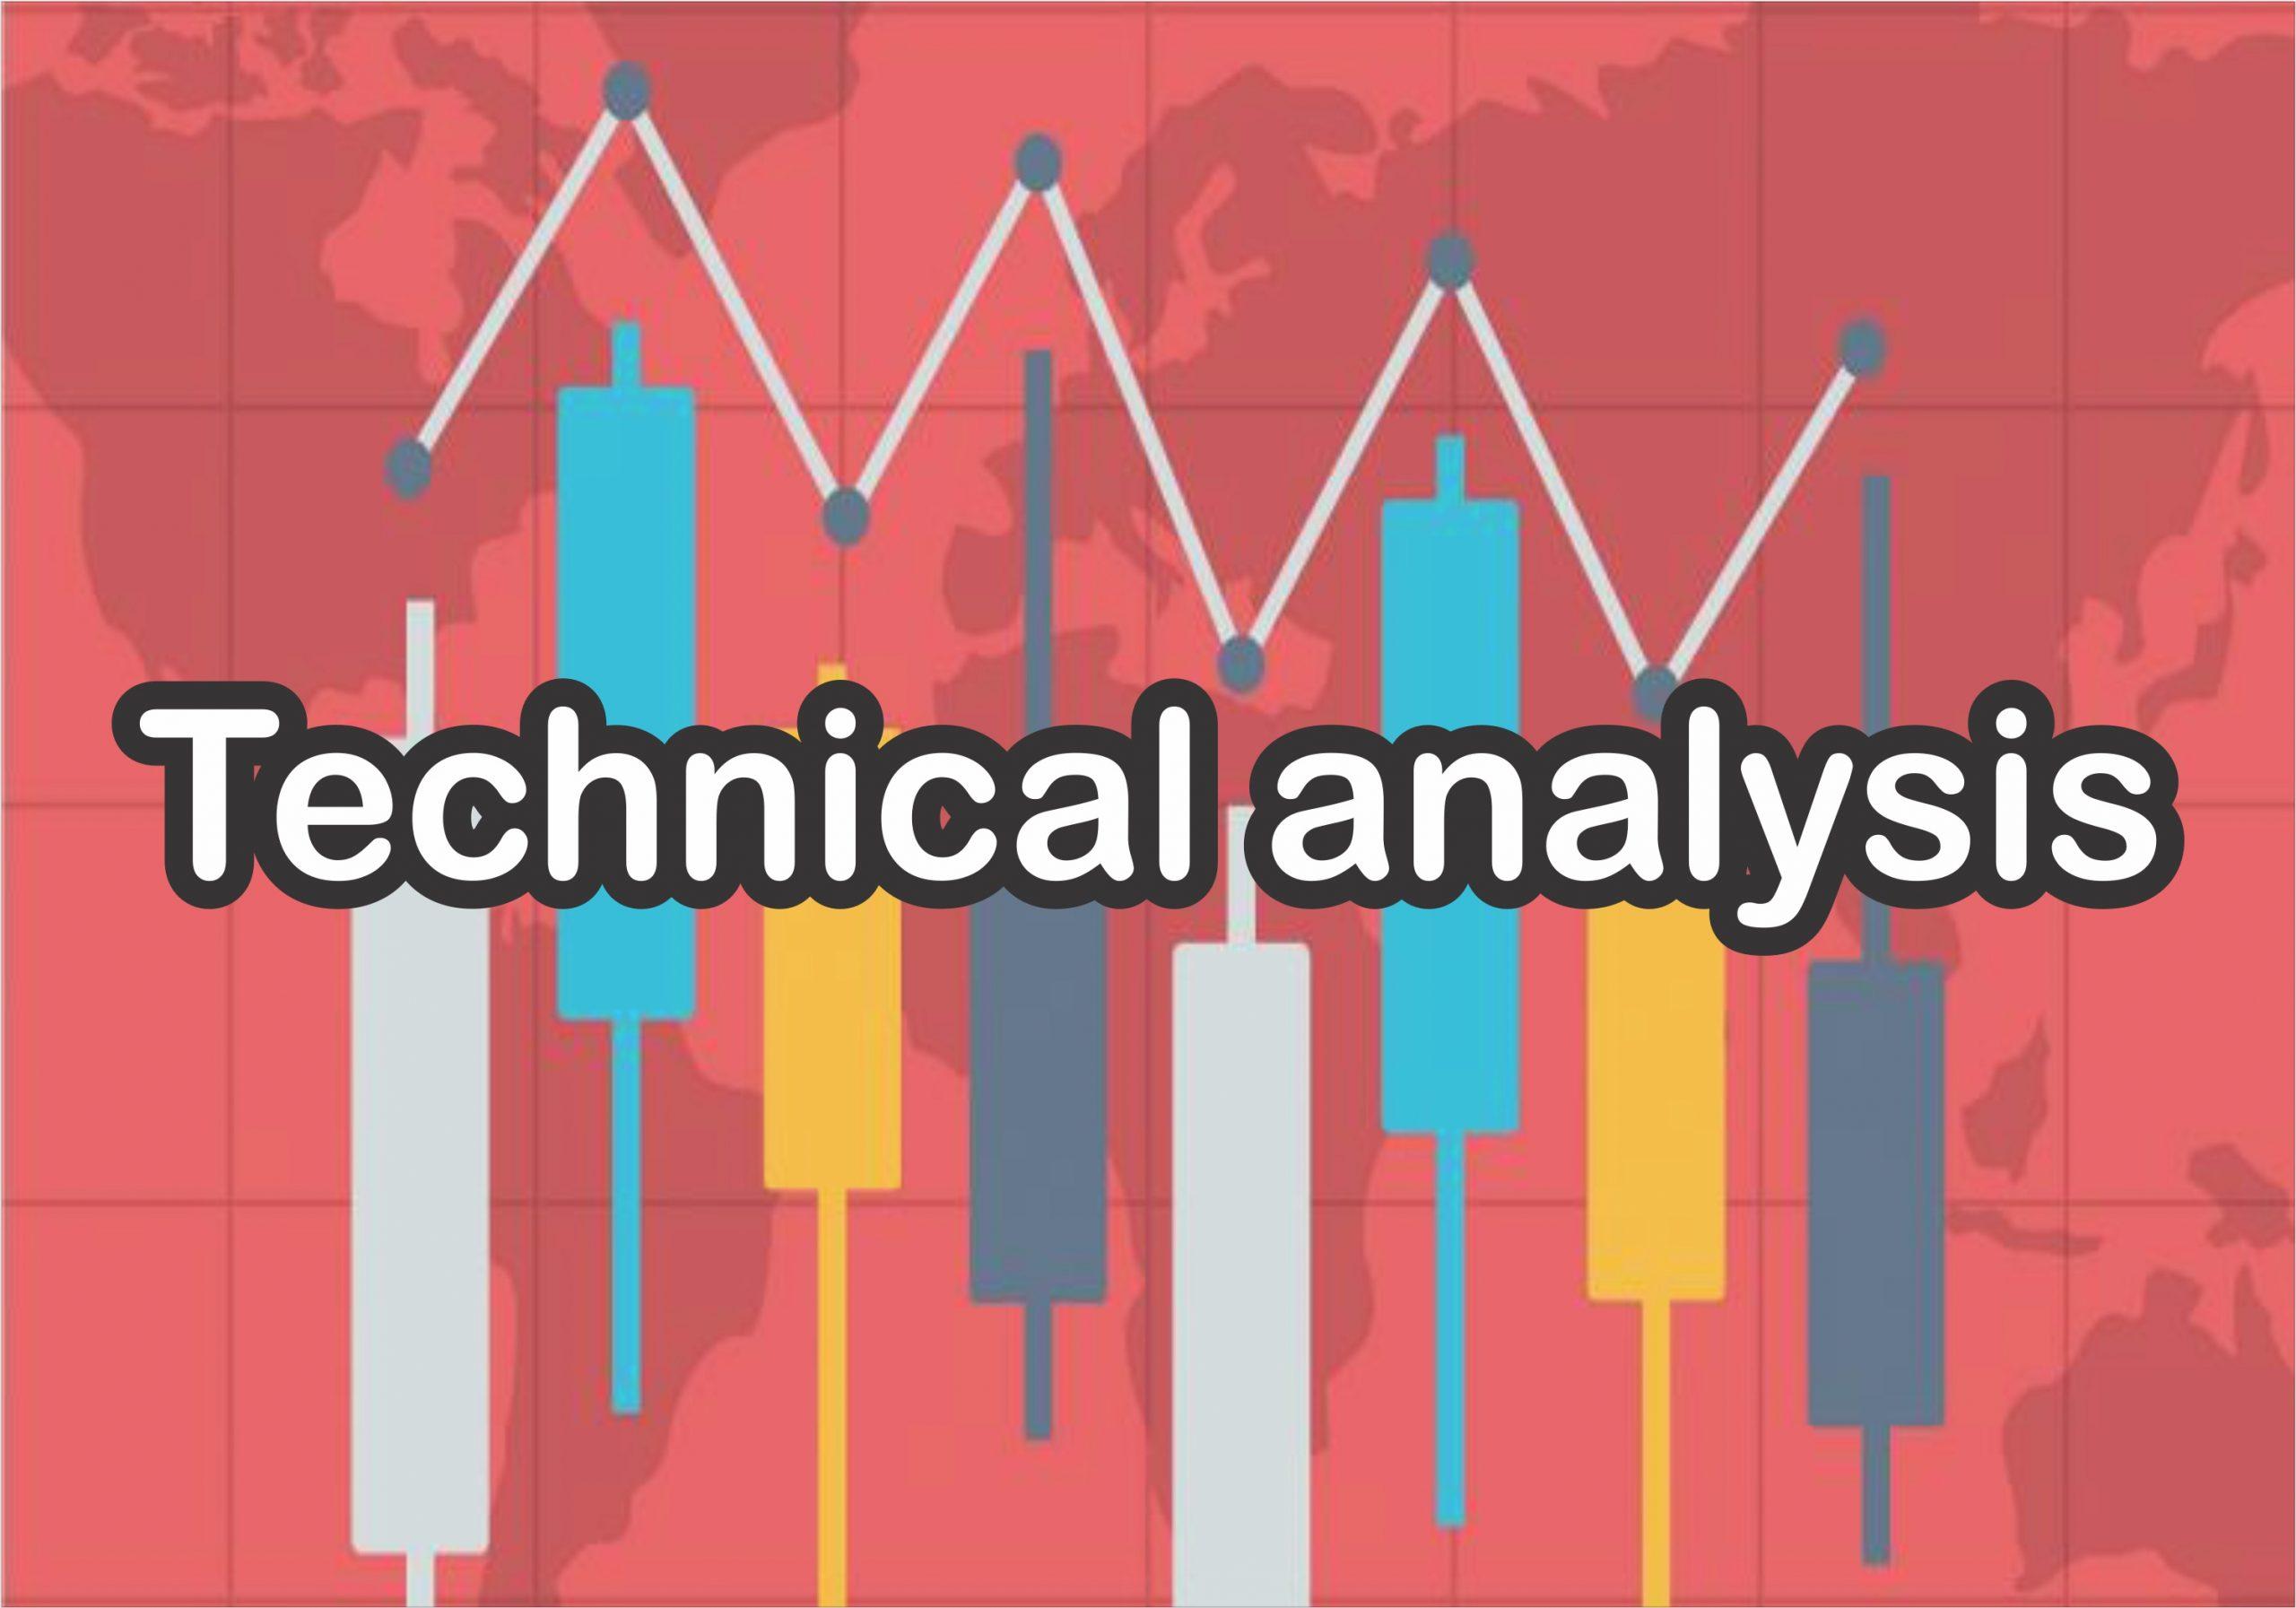 تحلیل تکنیکال چیست و چه کاربردی در بورس دارد؟